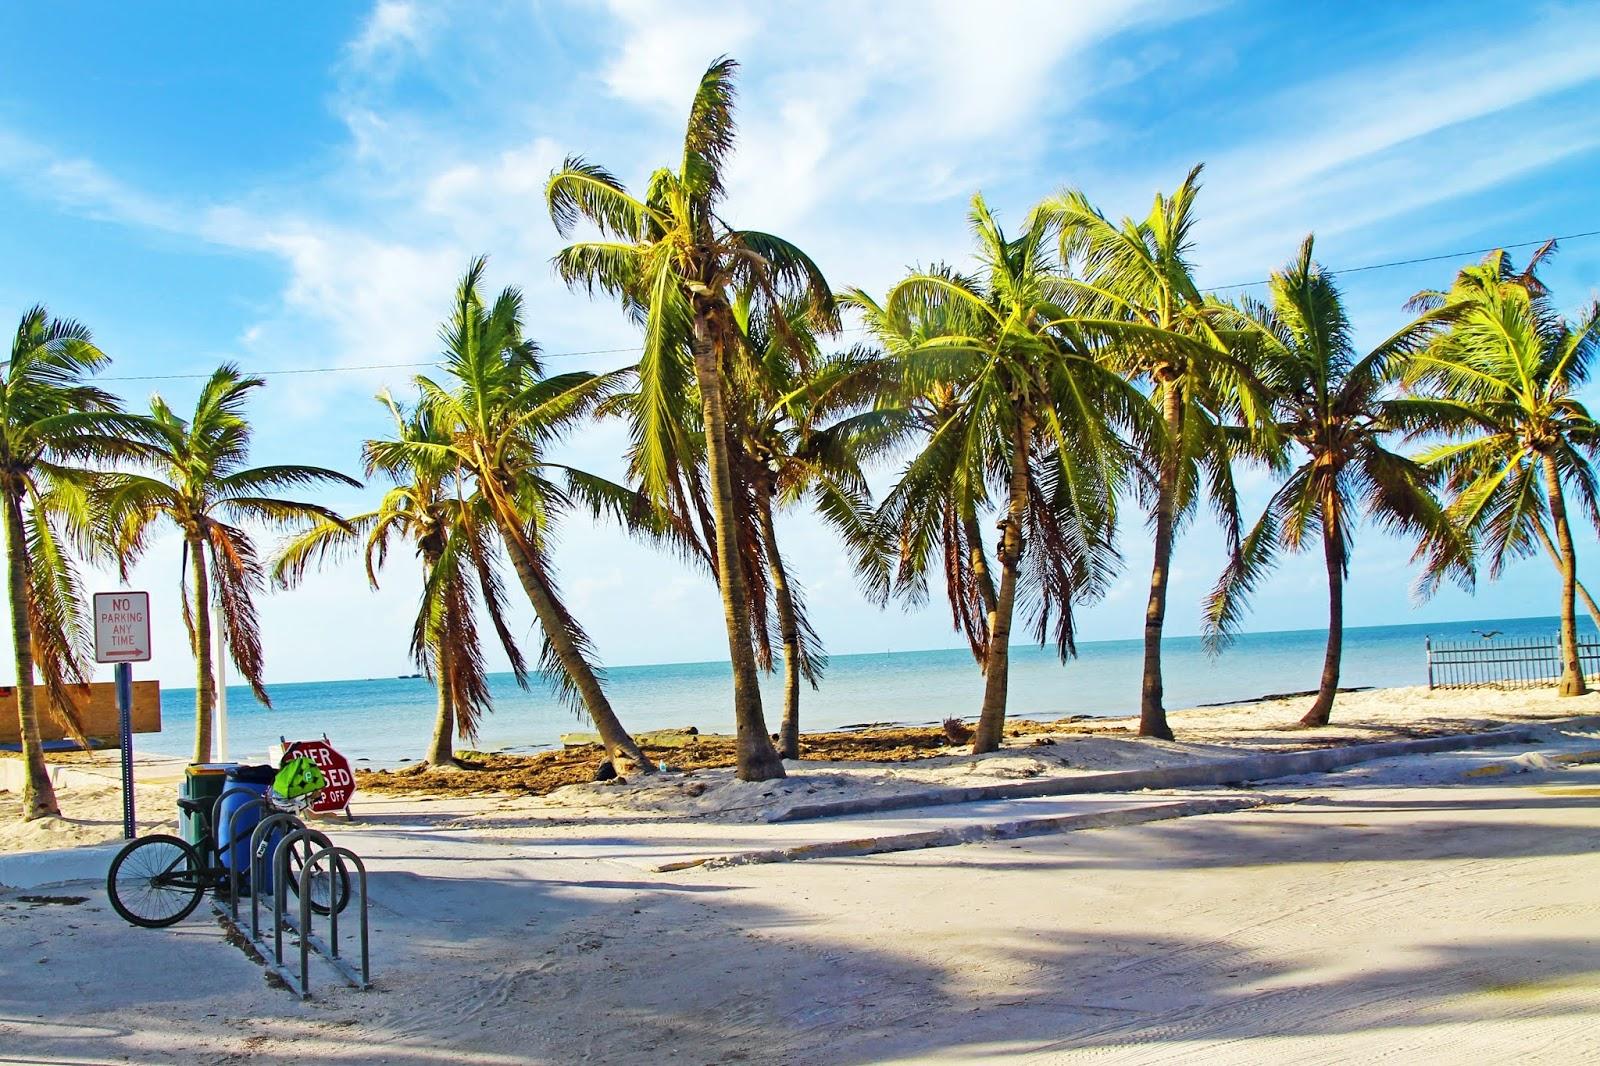 Roteiro de 1 dia em Key West, o ponto mais a sul dos Estados Unidos